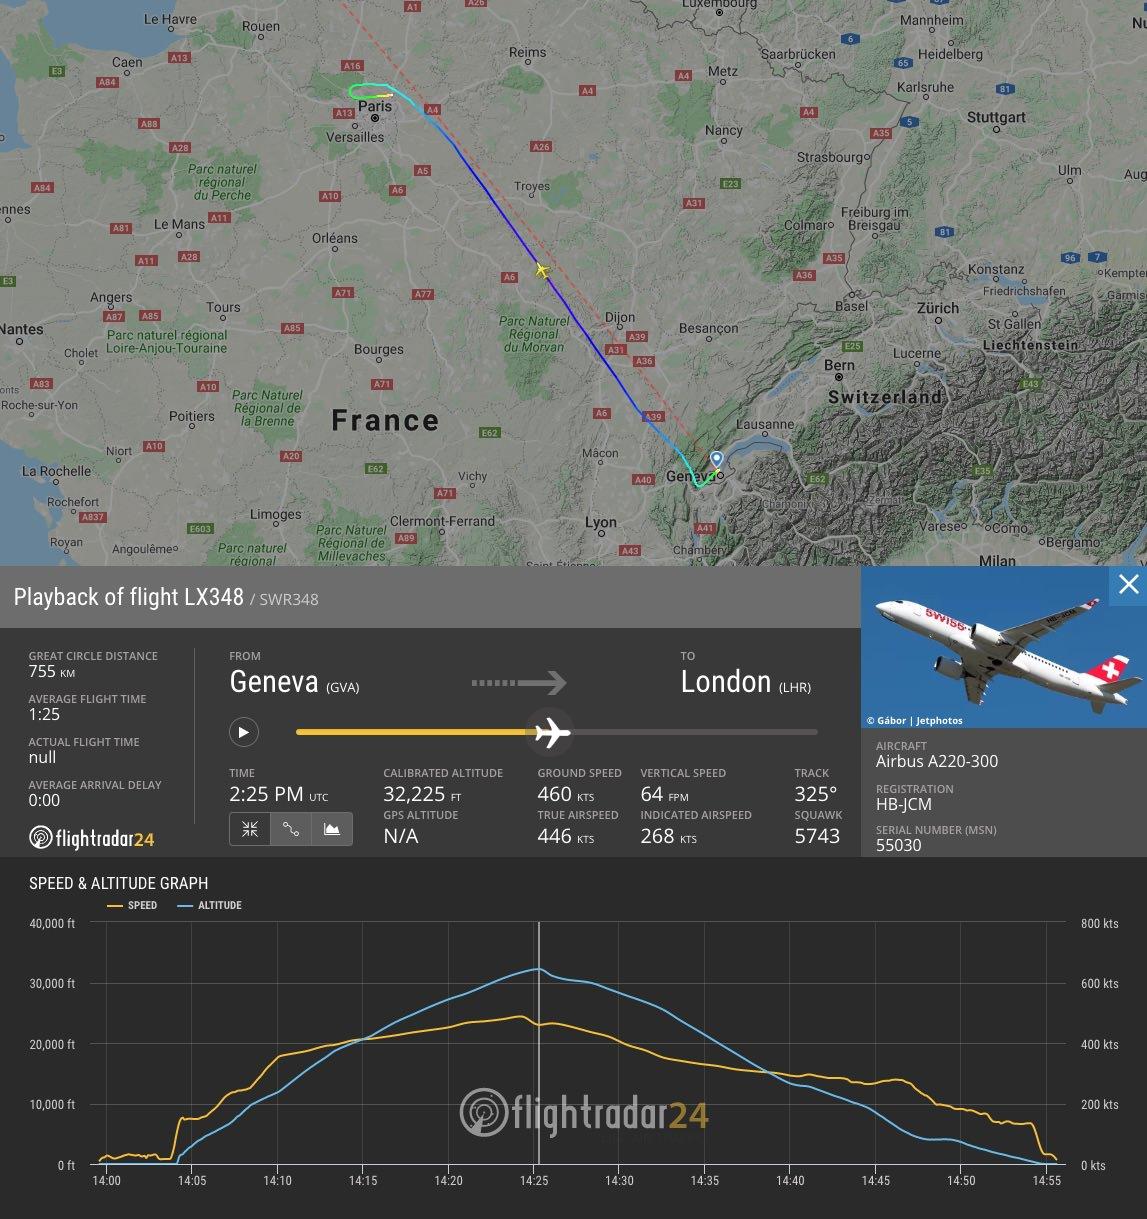 LX348 flight path